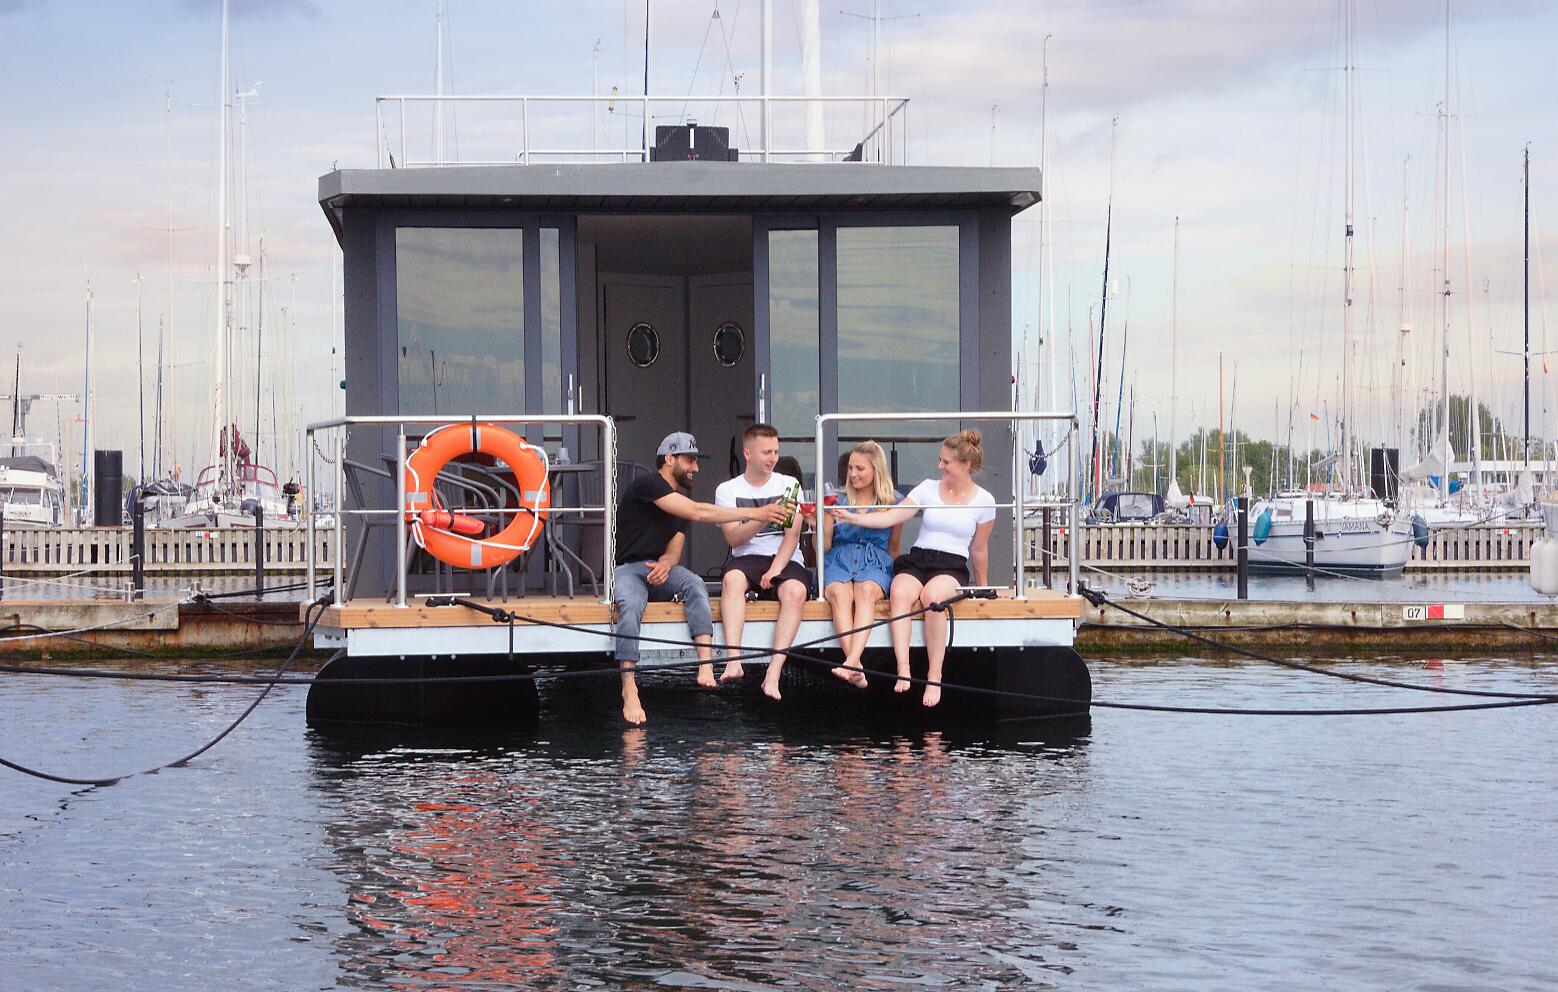 hausboot-uebernachtung-ohne-sauna-3-tage-2-uen-4-personen-bg5